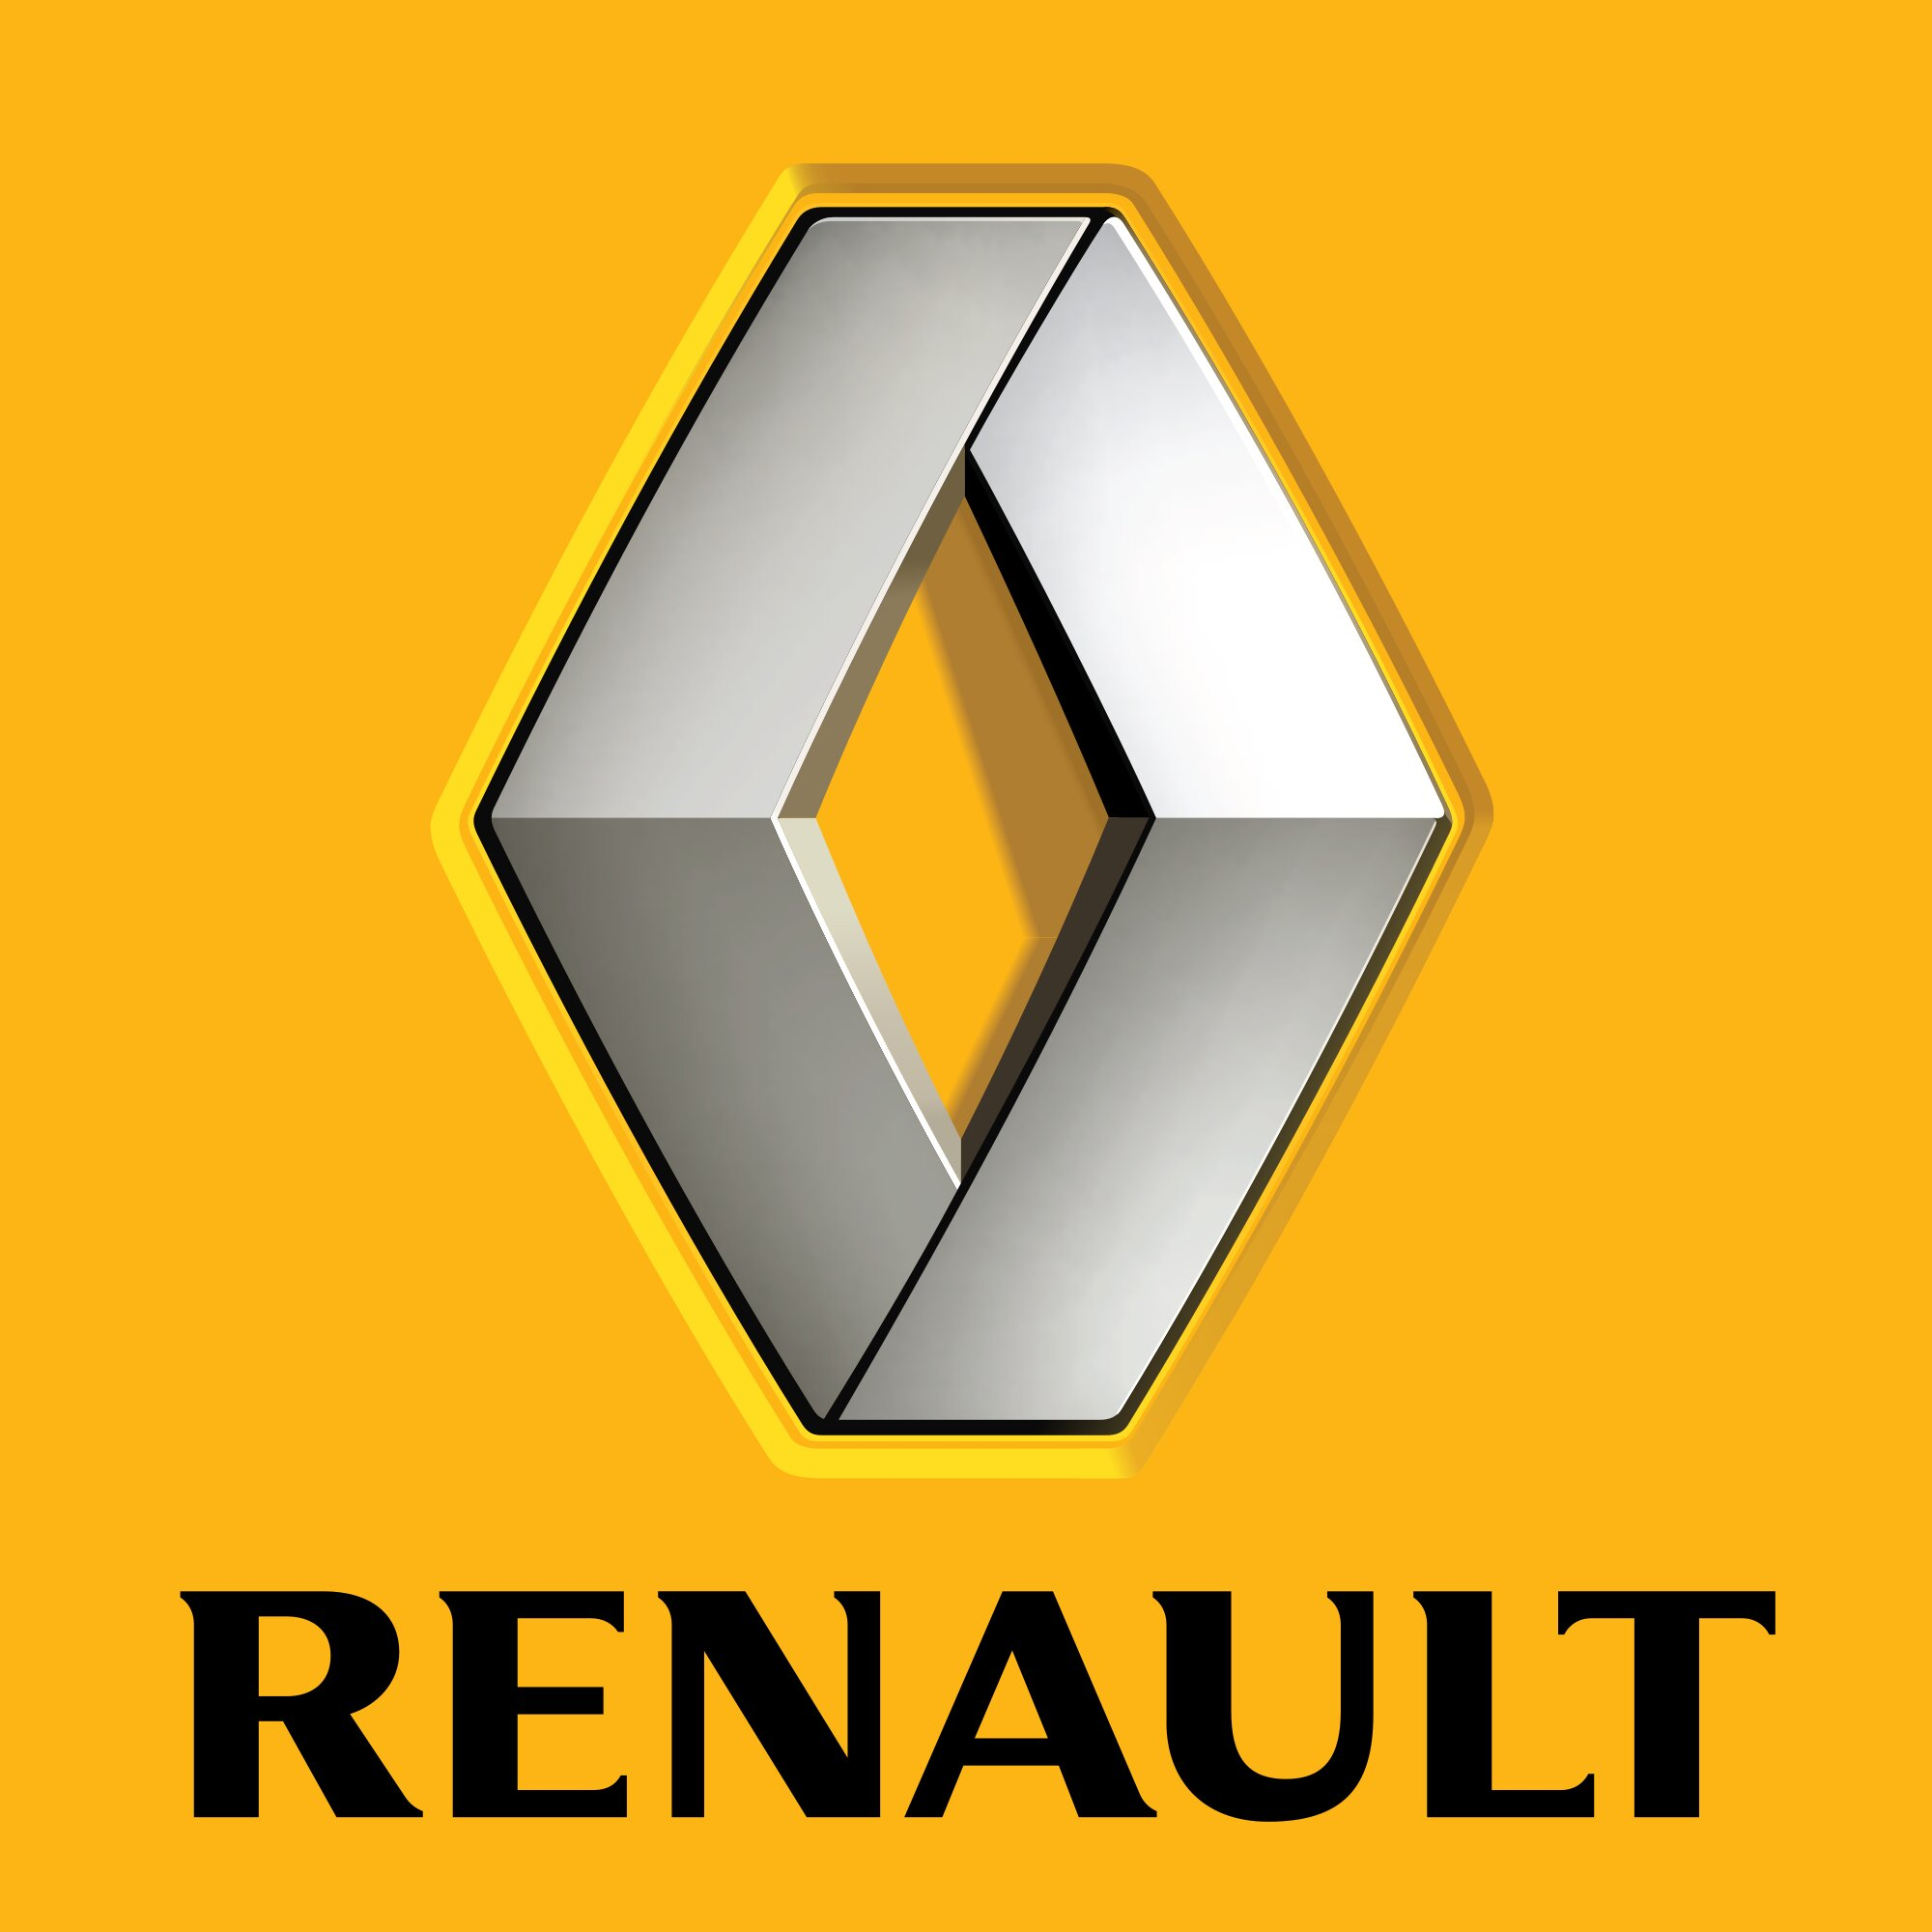 Bảng giá các loại lốp dành cho ô tô Renault cập nhật tháng 5/2015